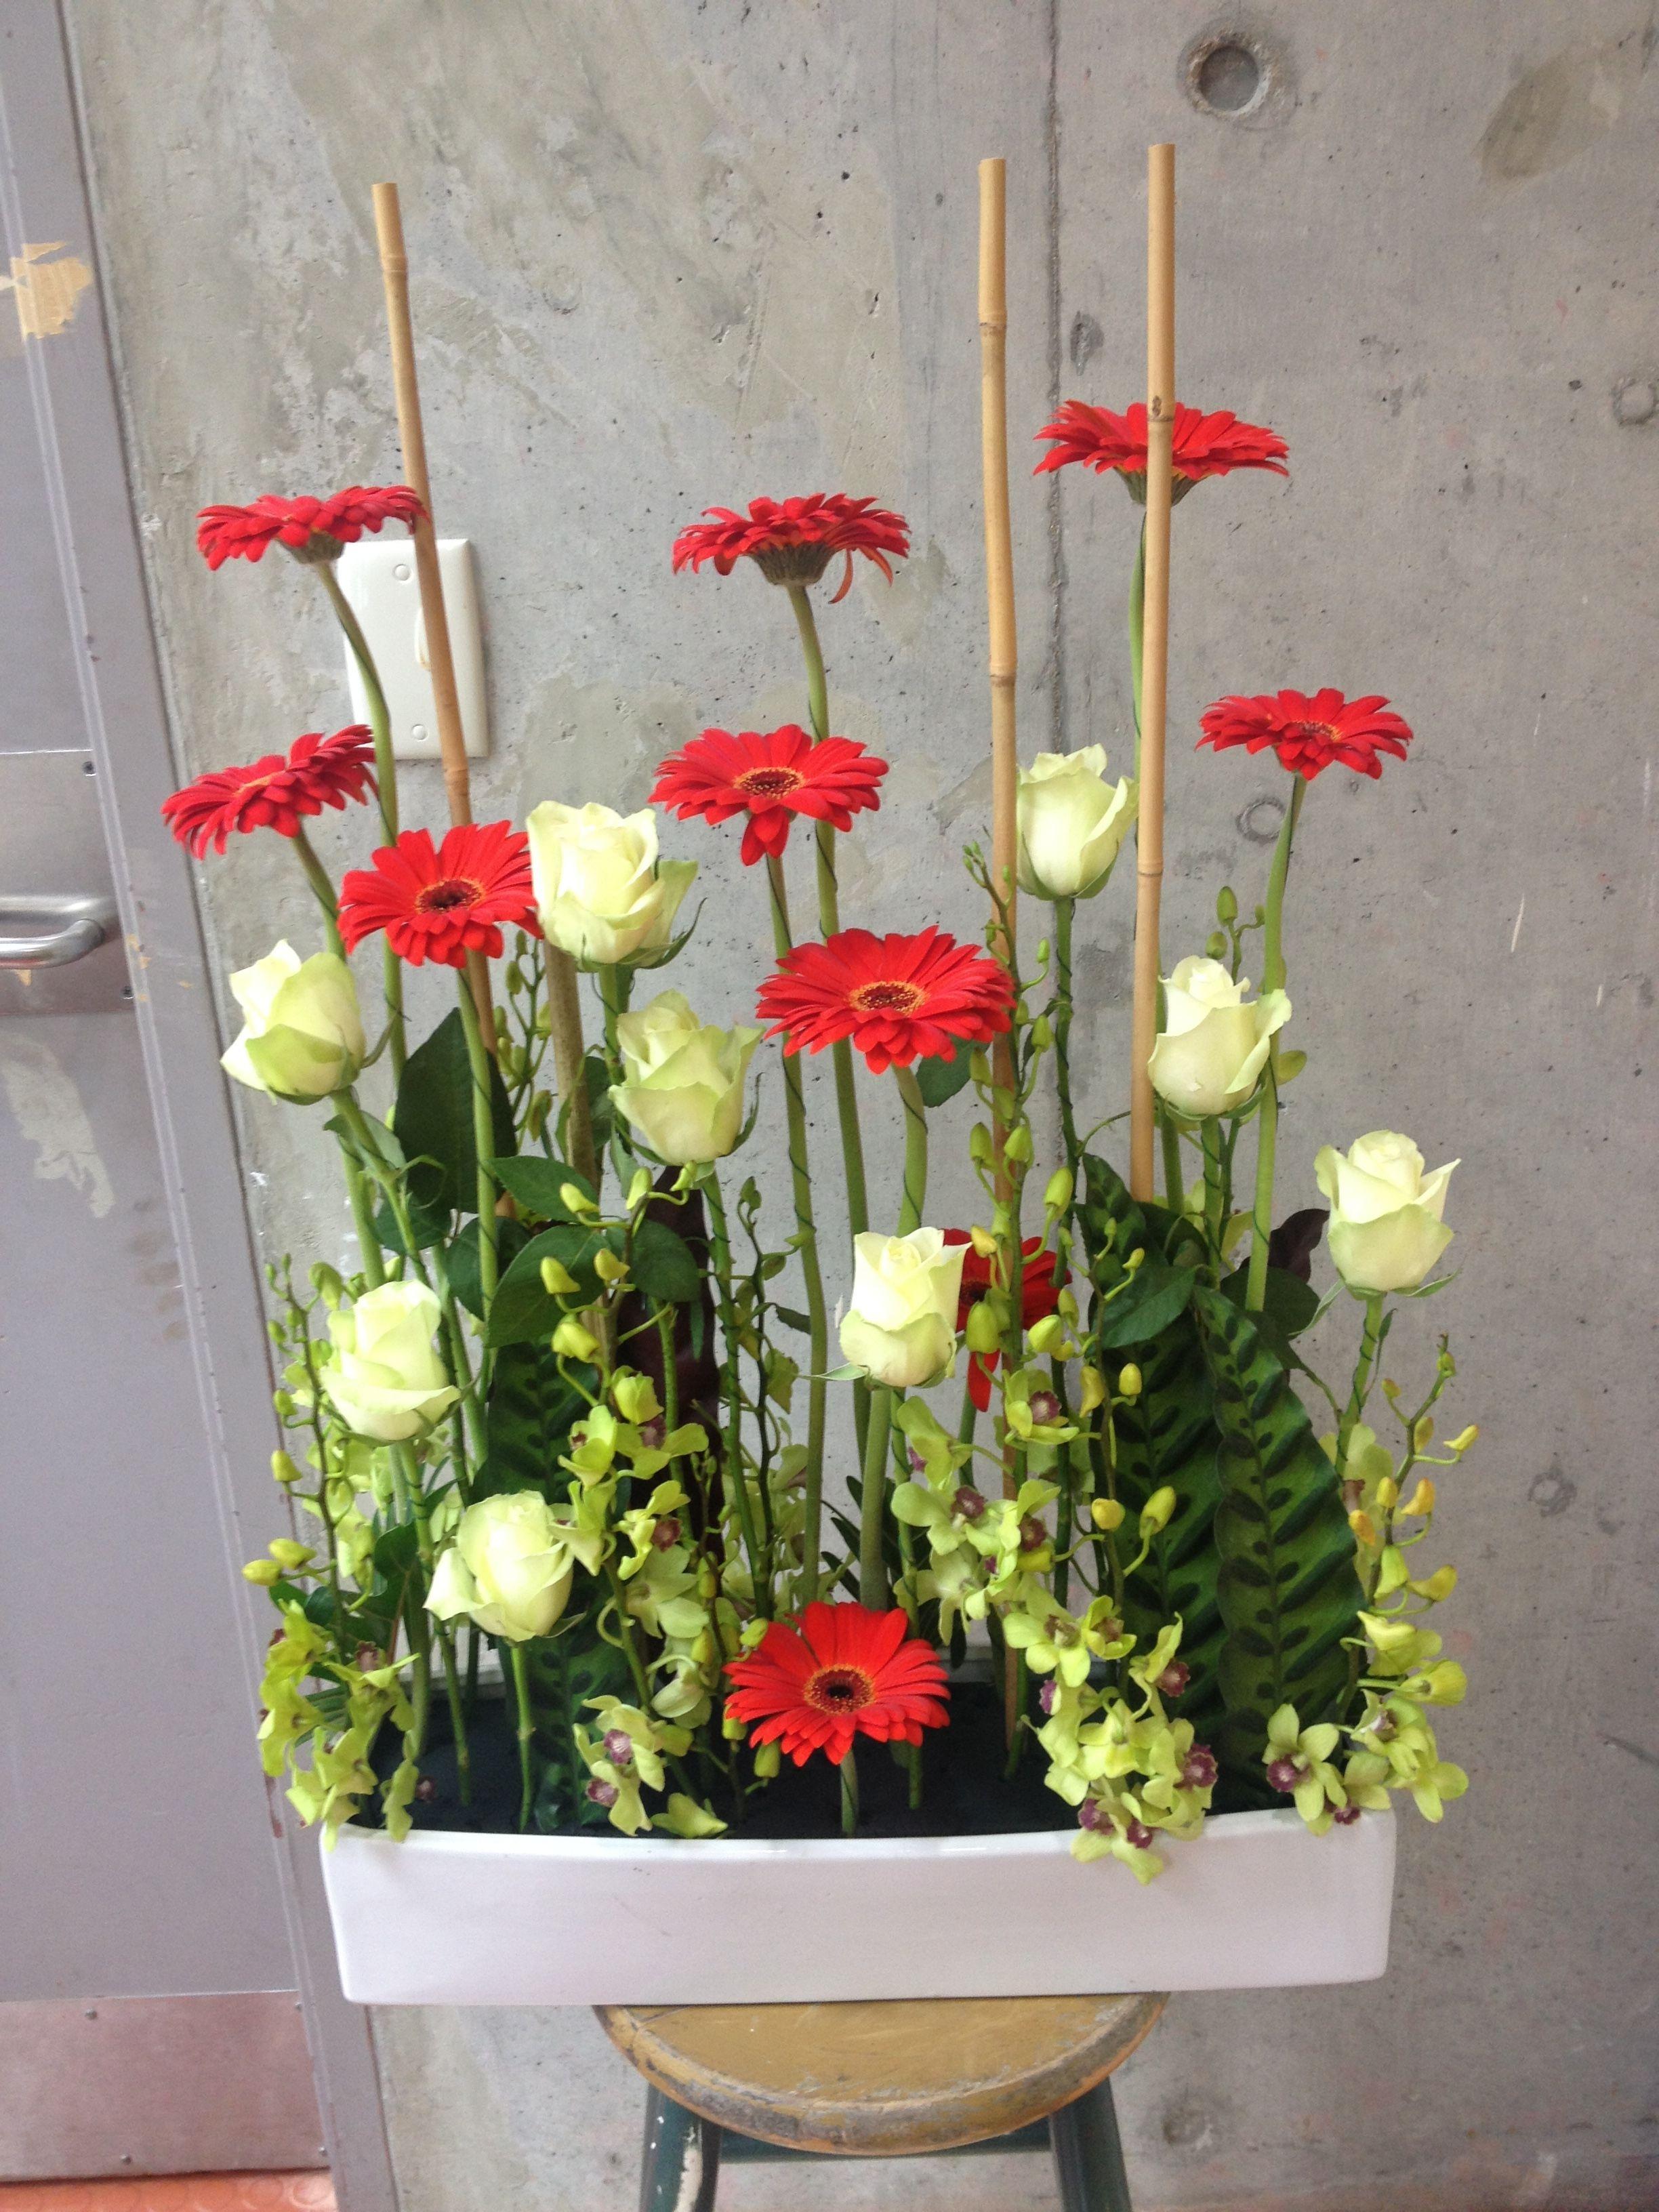 Floral Arrangements Vertical Parallel Arrangement